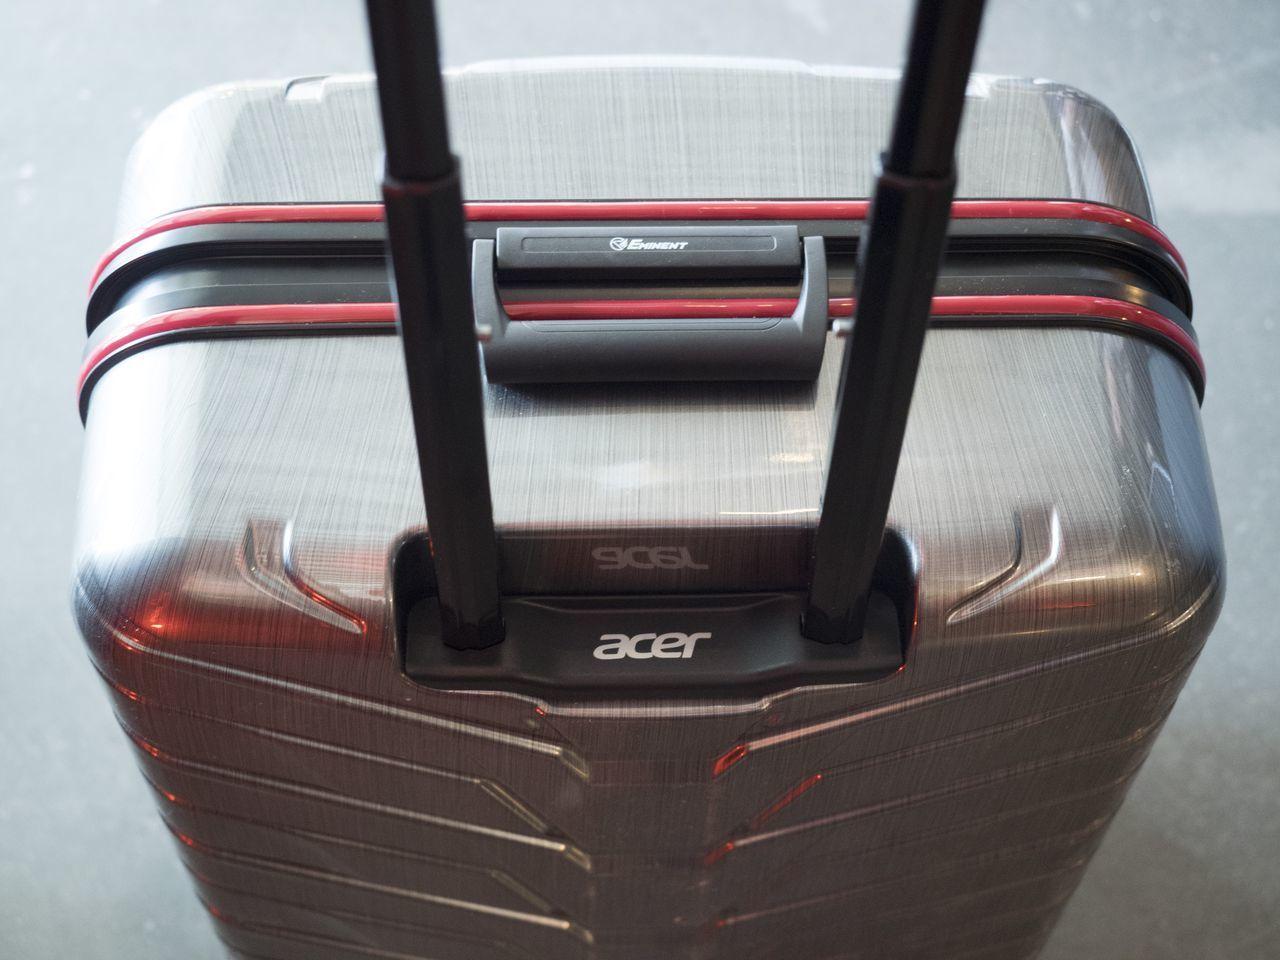 Next@Acer: Самый мощный игровой ноутбук с воздушным охлаждением, велокомпьютер, Chromebook для работы и другие новинки - 23